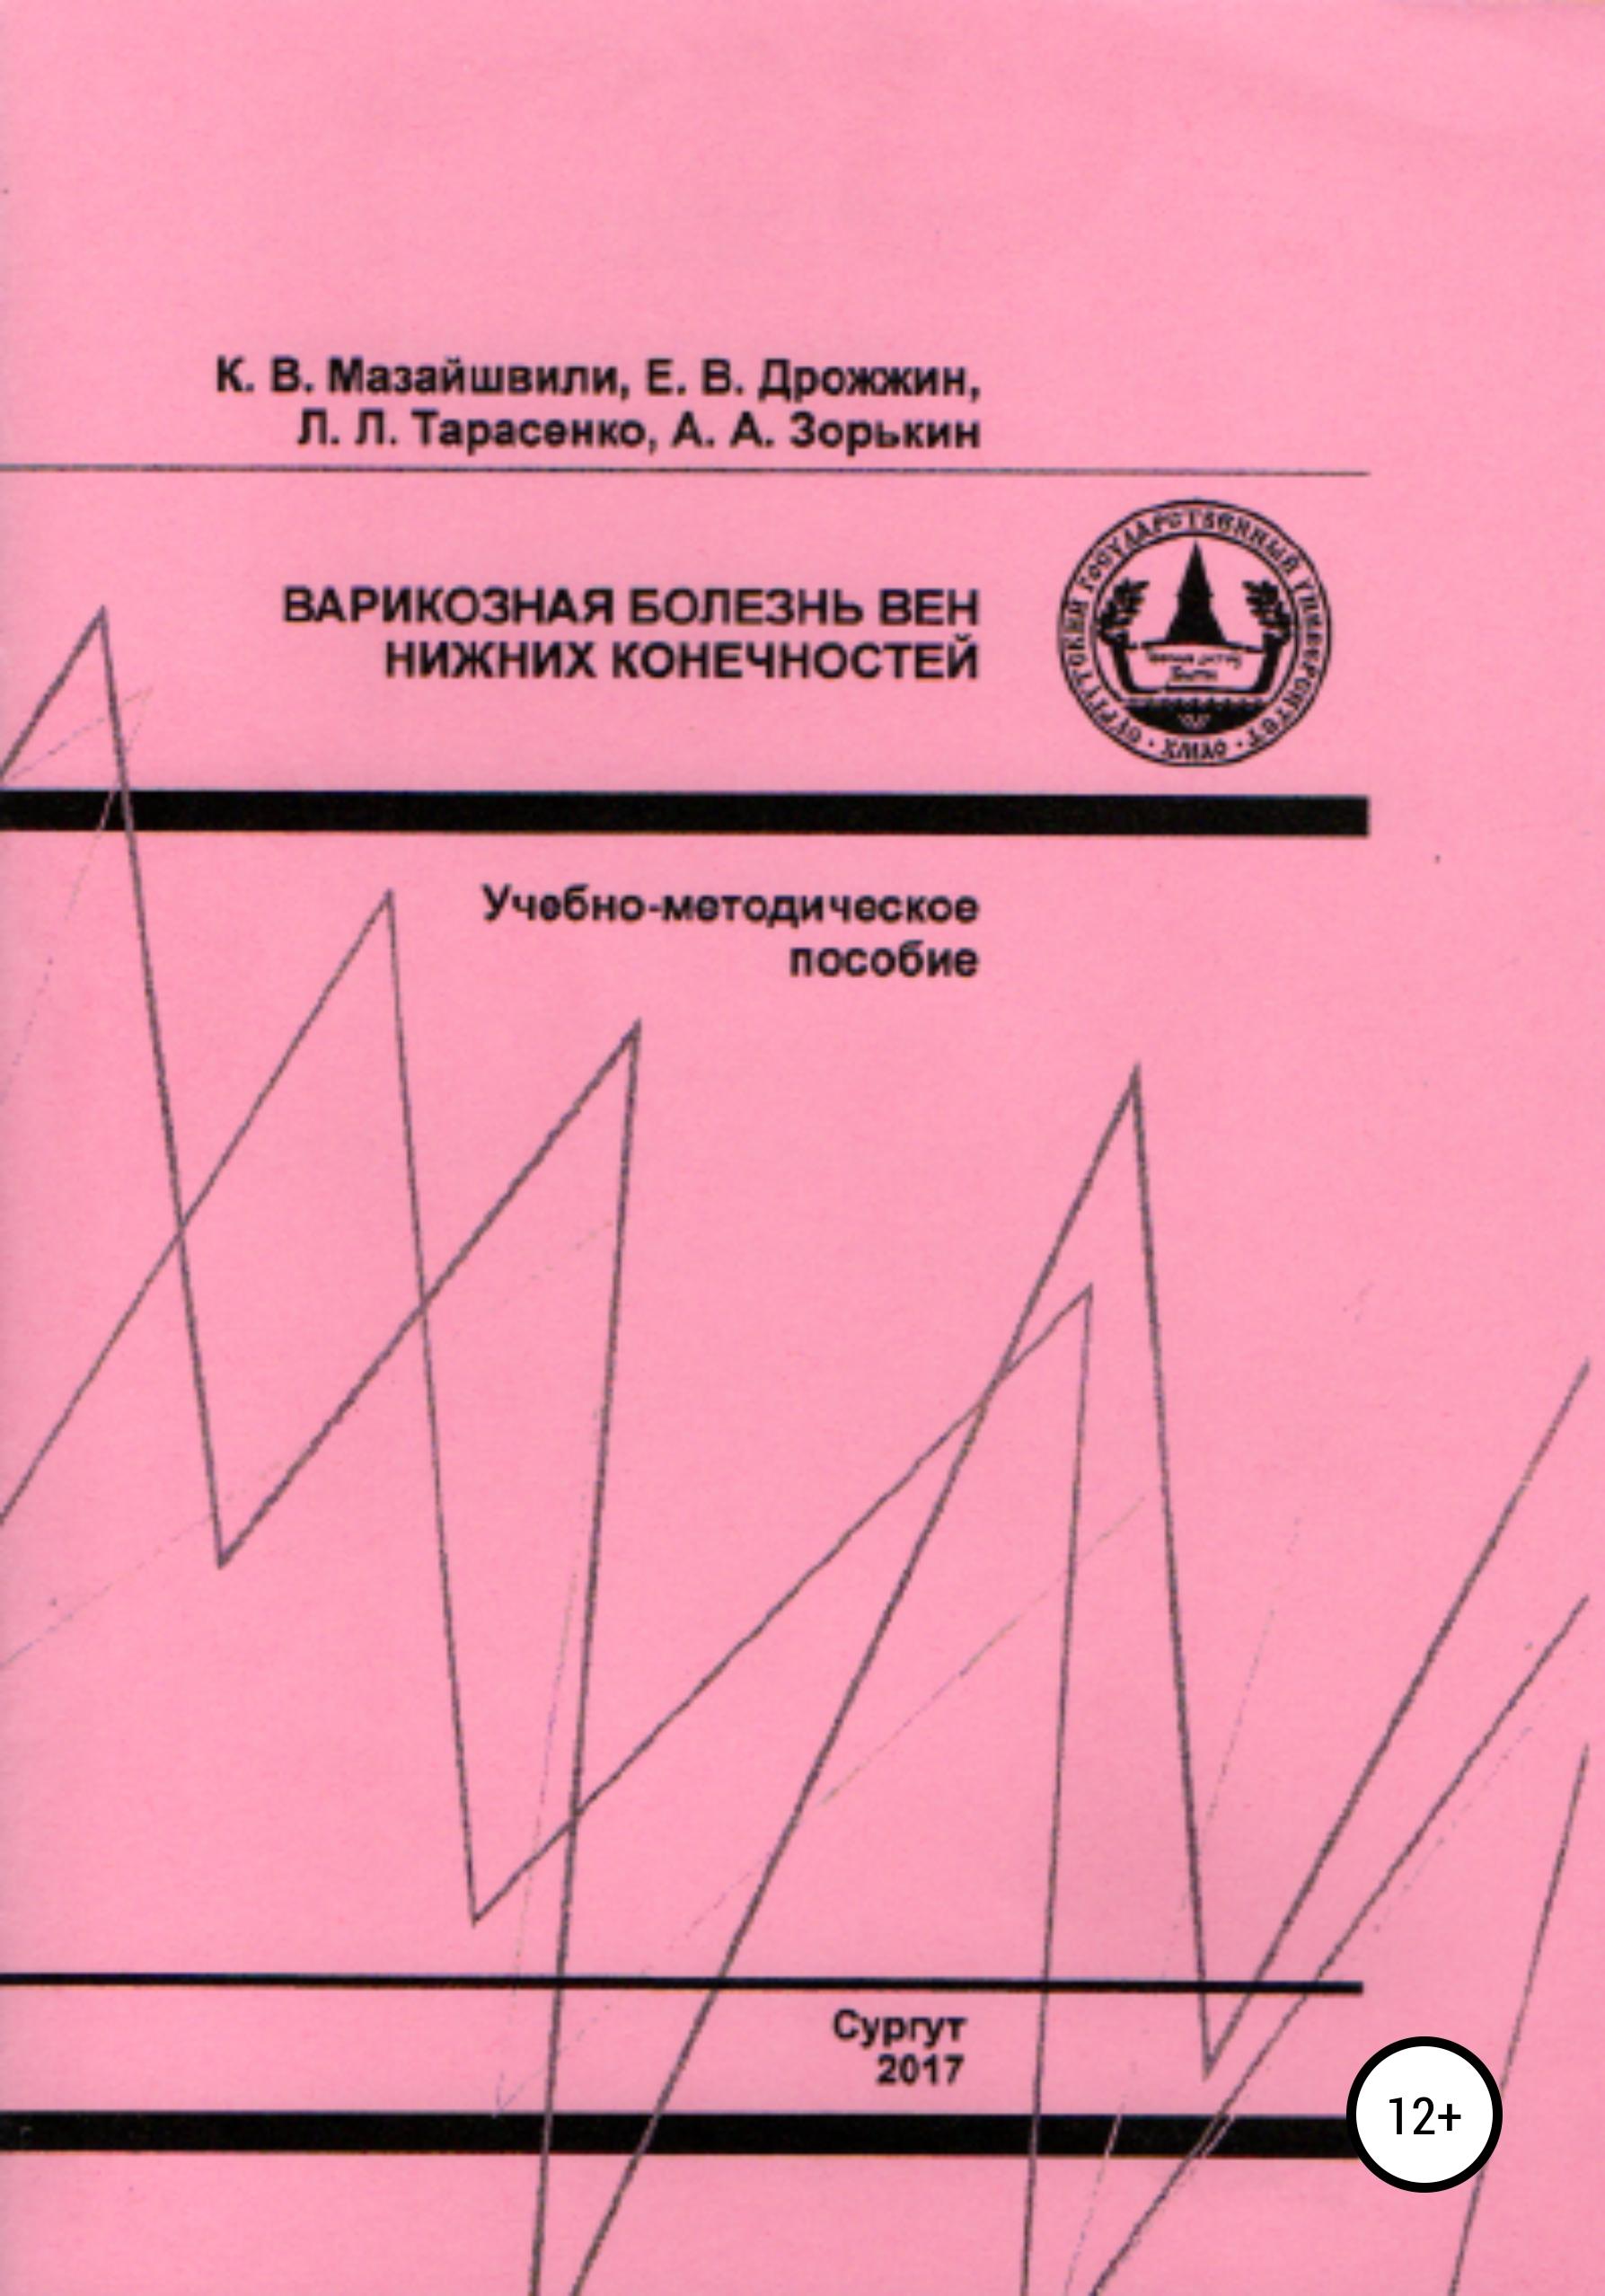 Варикозная болезнь вен нижних конечностей ( Константин Витальевич Мазайшвили  )